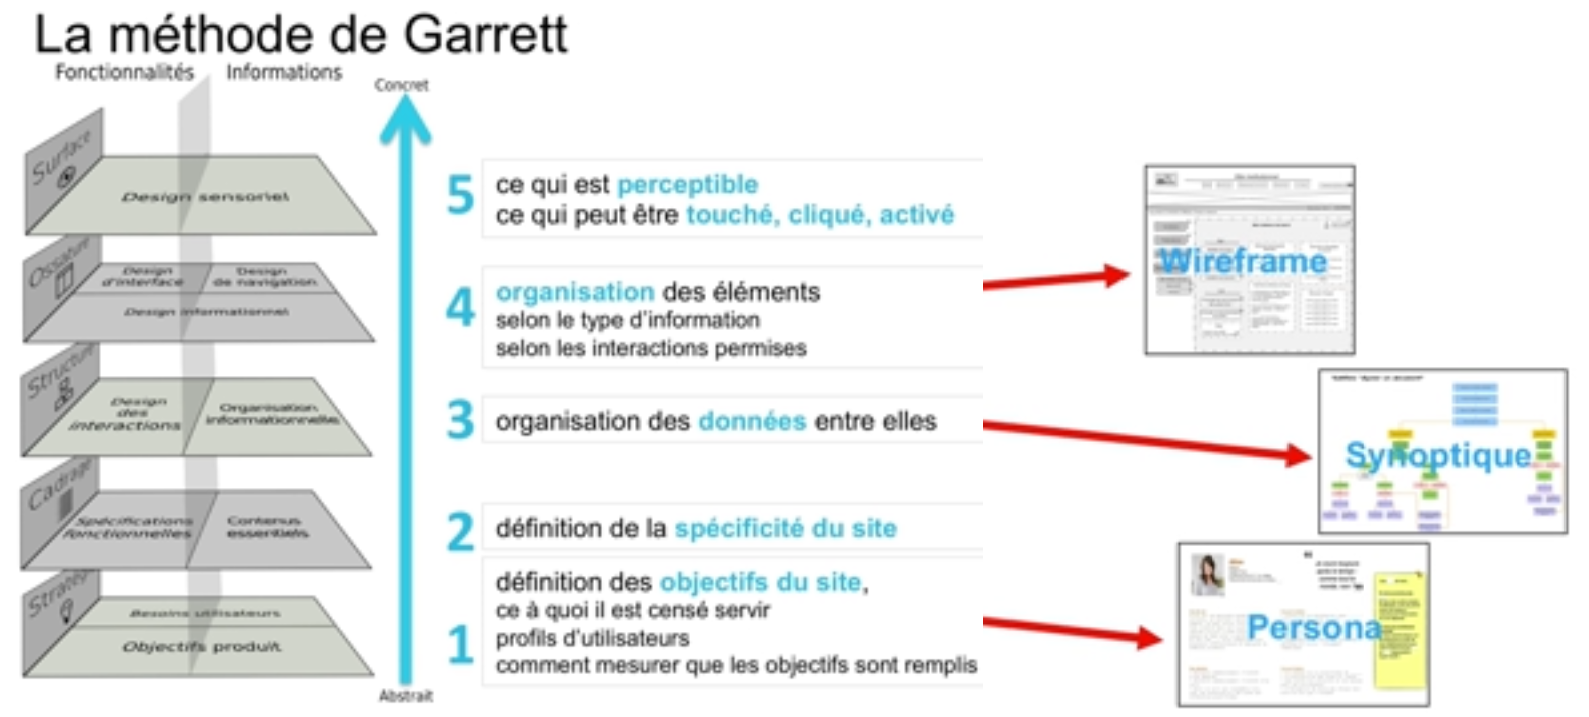 La stratégie et le cadrage constituent les deux étapes les plus abstraites de la méthode de Garrett :